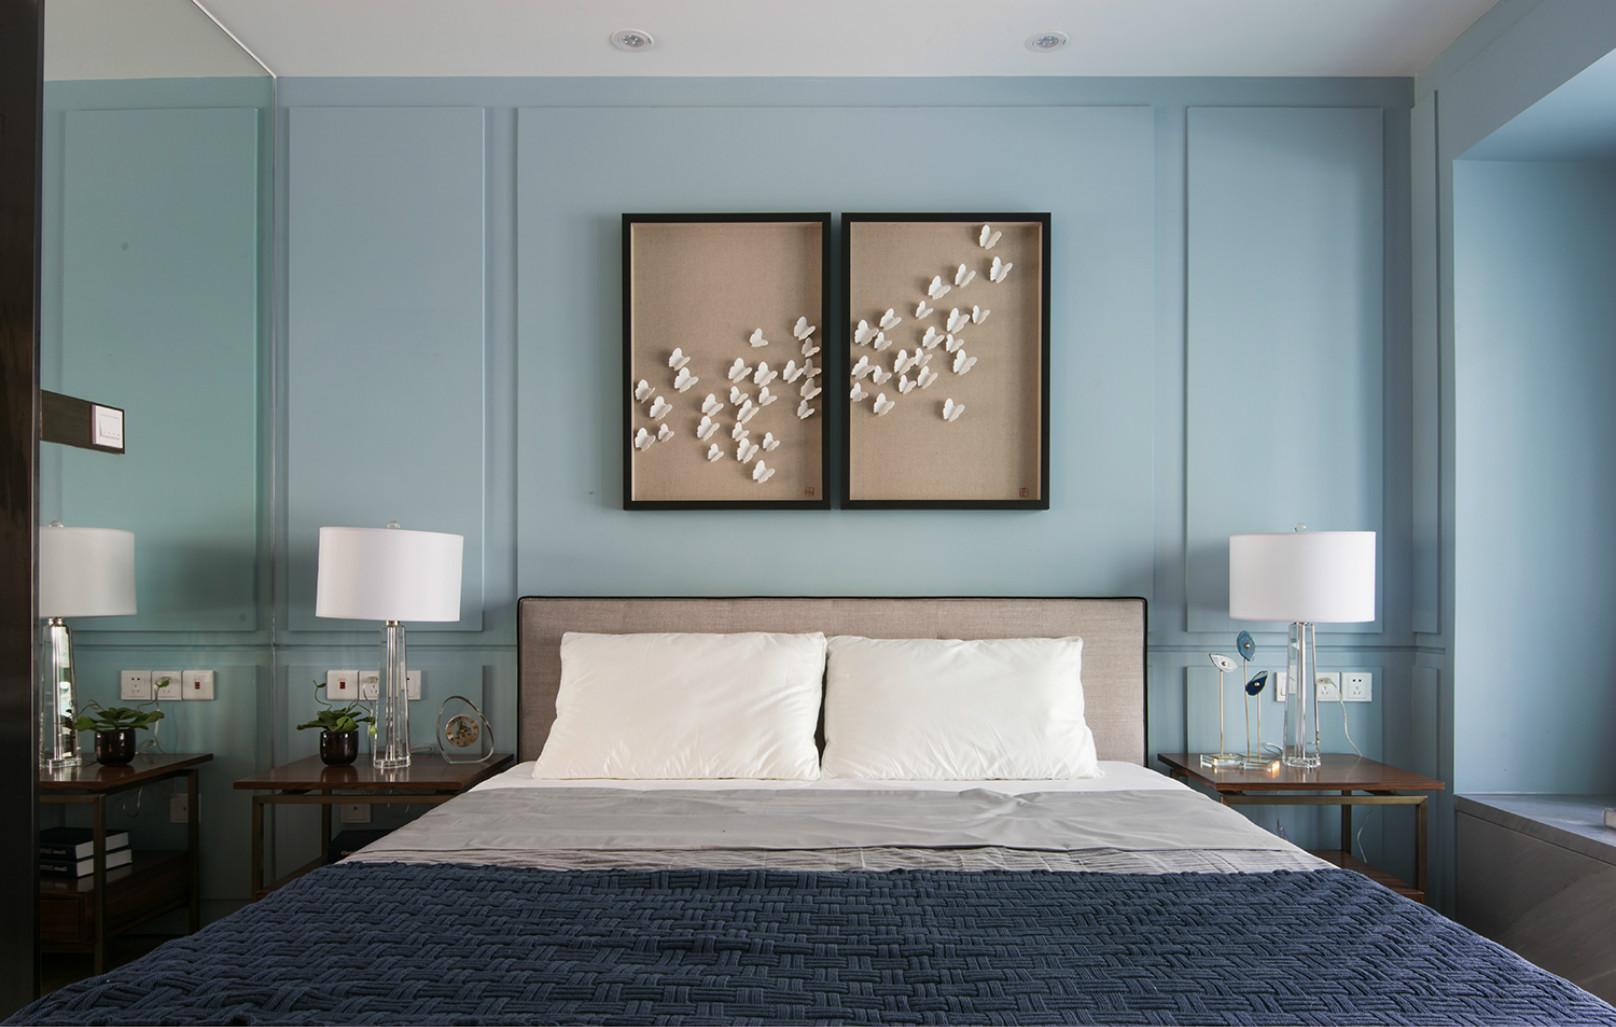 卧室的墙面没挂画装饰,非常干净,给屋子创造出温馨的氛围。